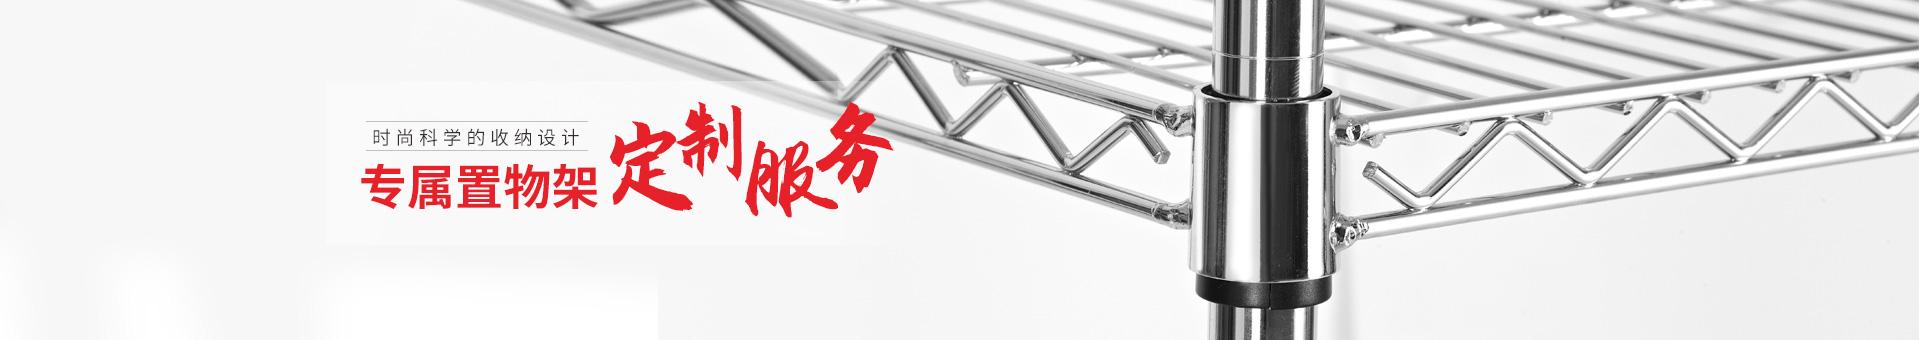 川井-专属置物架定制服务,时尚科学的收纳设计